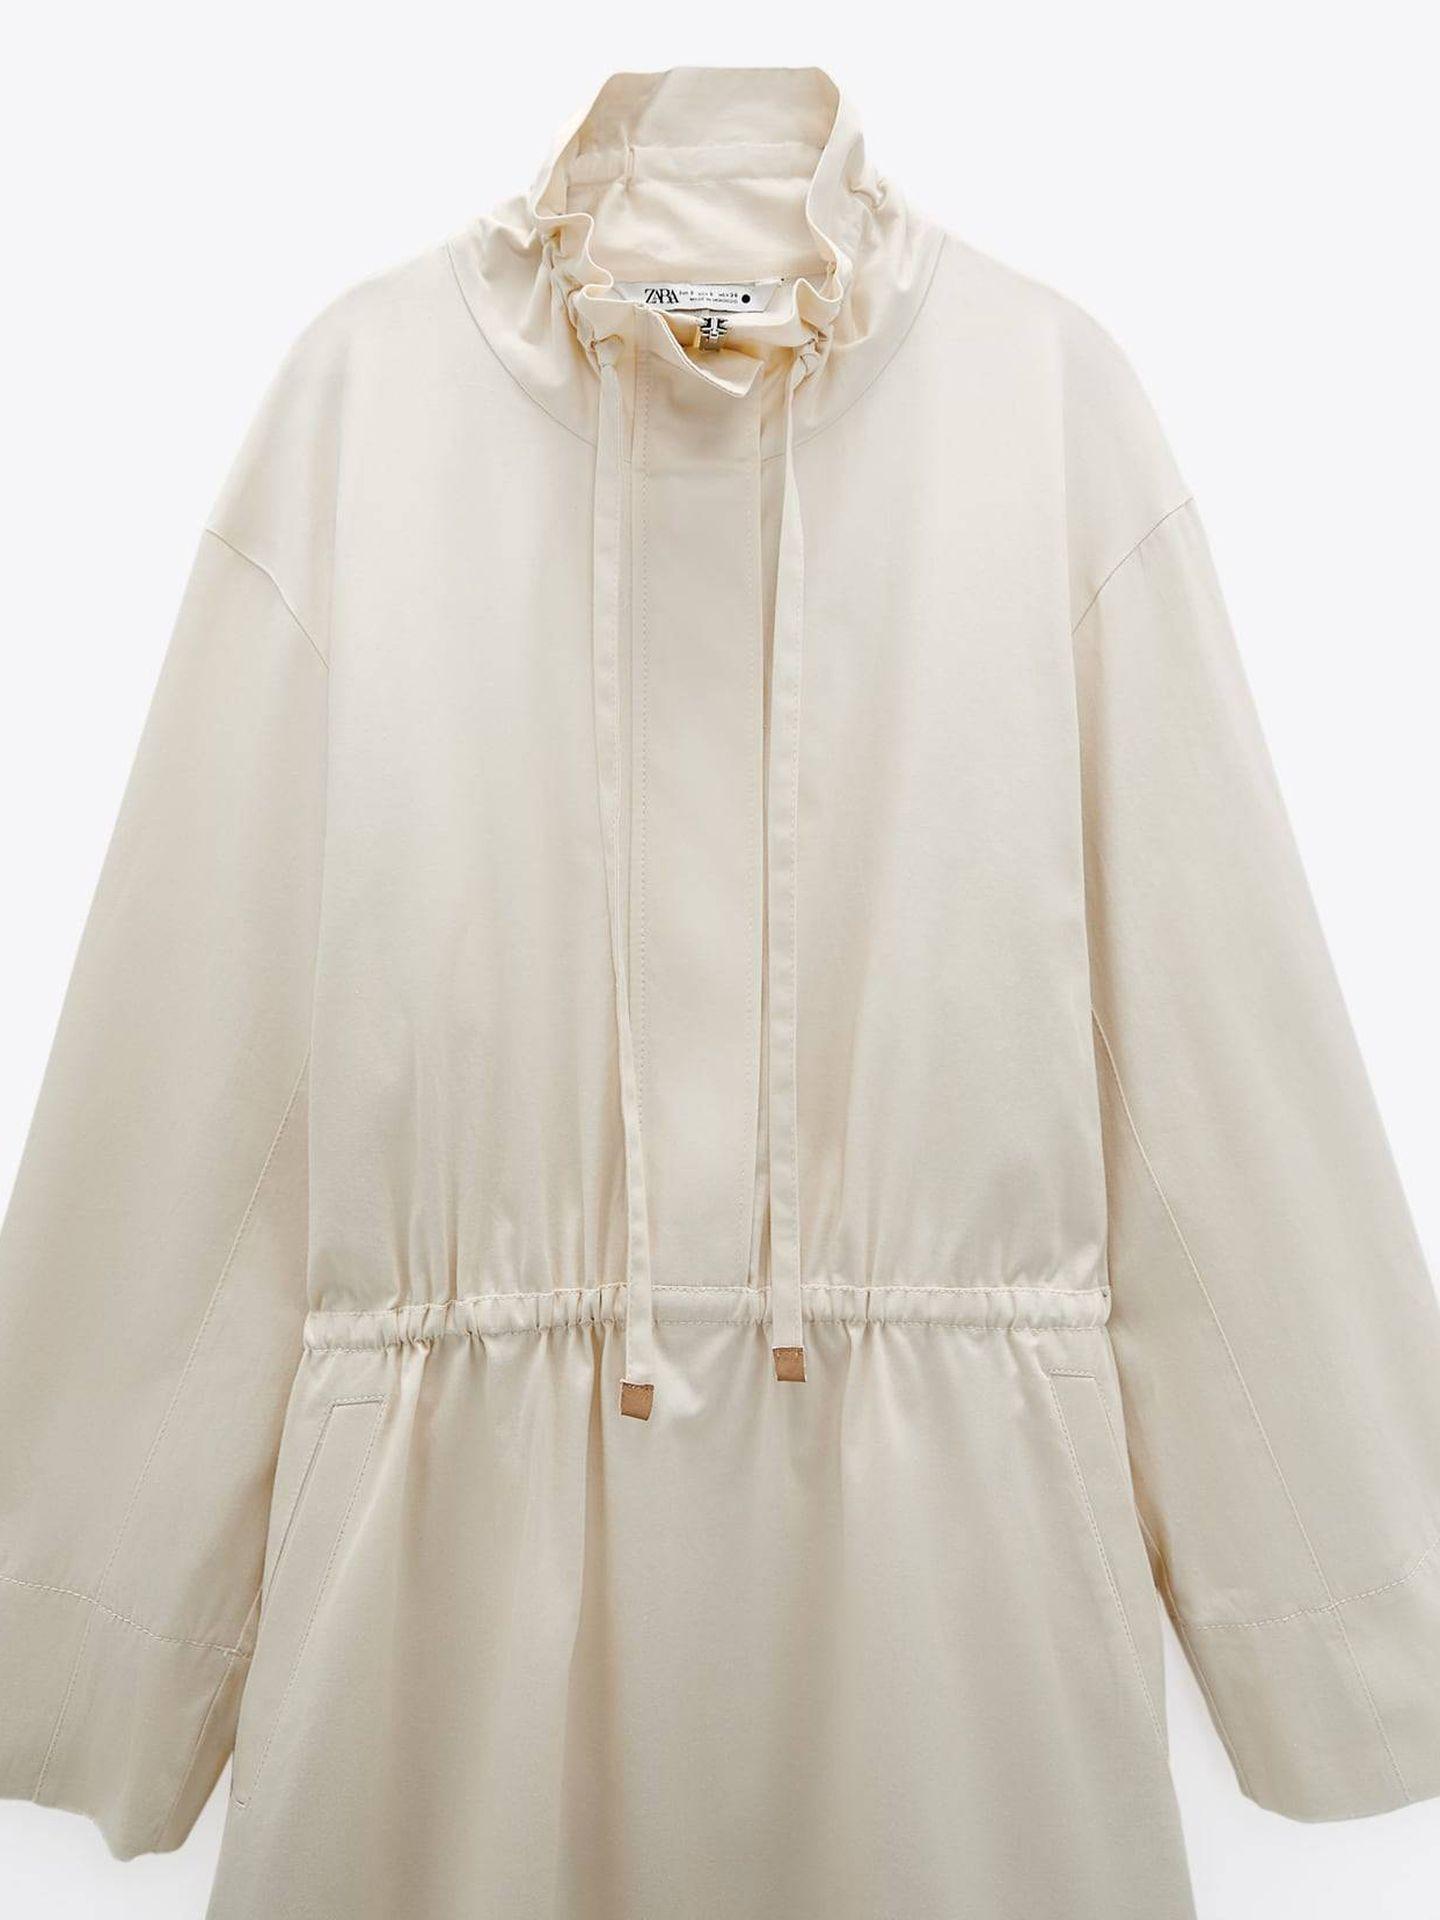 Vestido parka de Zara. (Cortesía)